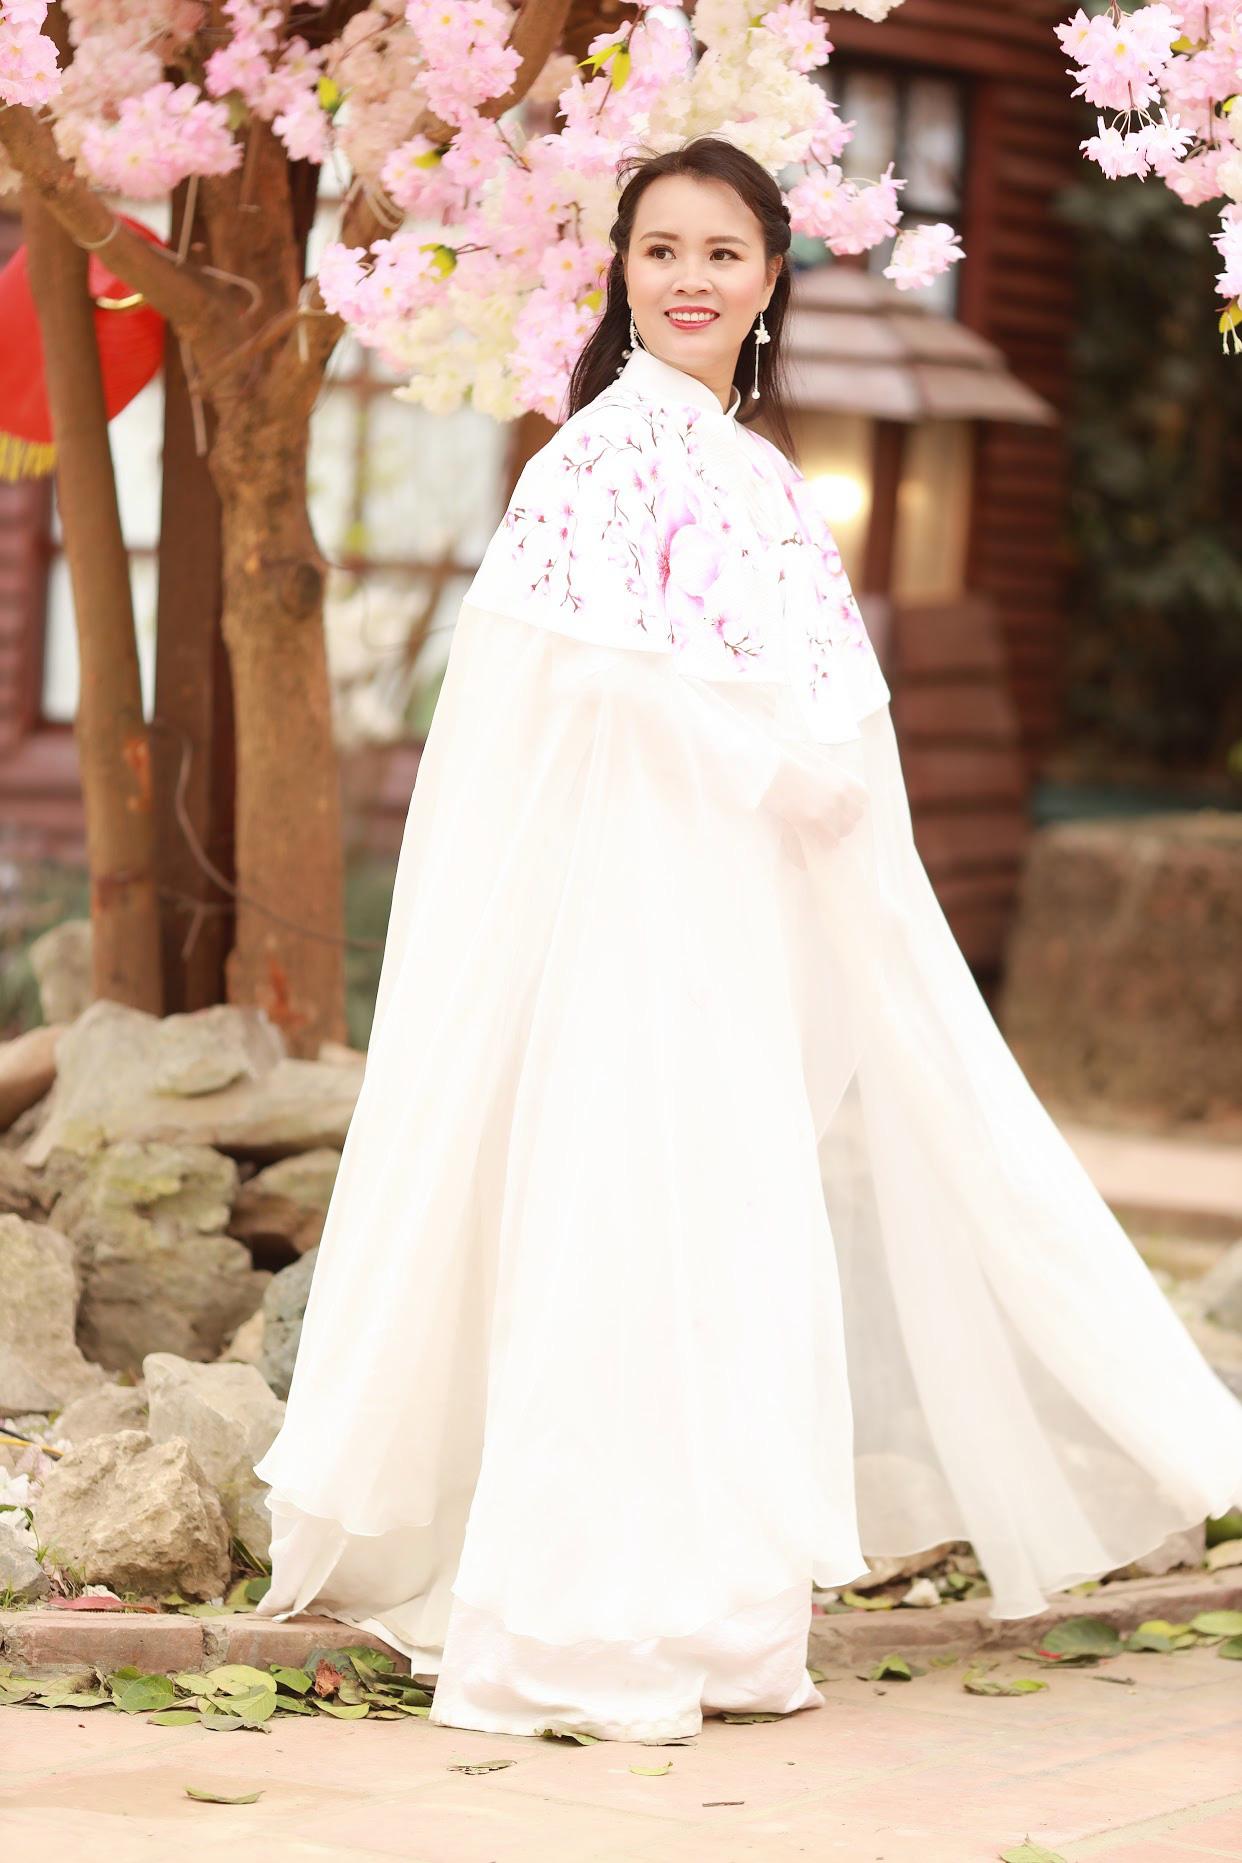 Vẻ đẹp thần tiên tỉ tỉ của Phạm Thị Ngọc Thanh trong bộ ảnh đón xuân - Ảnh 6.